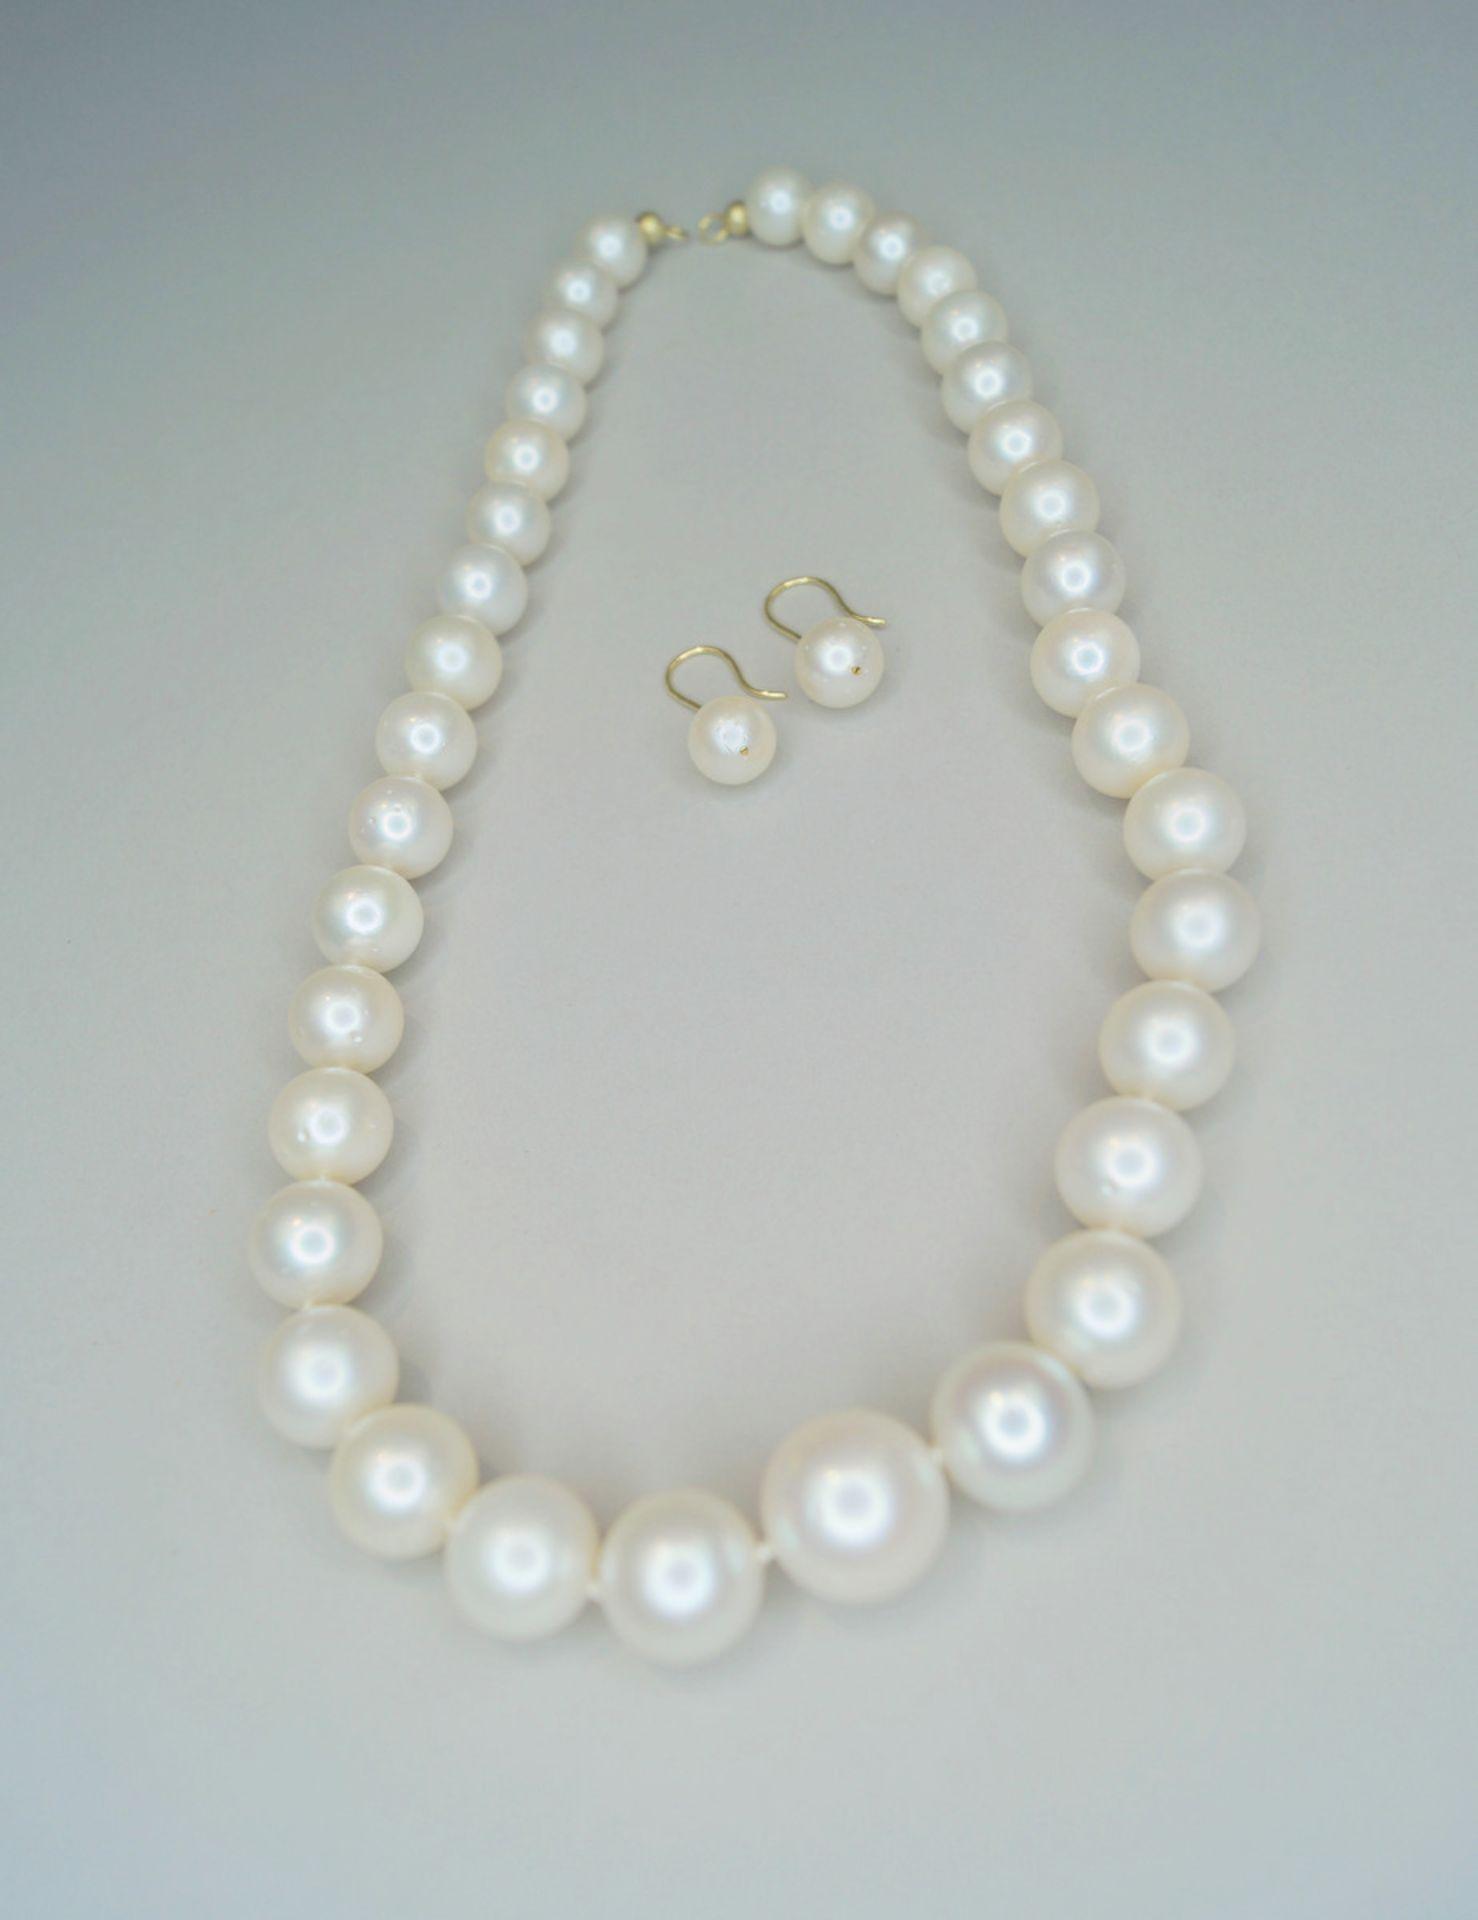 Große PerlenketteMit zur Mitte hin größer werdenden Zuchtperlen, dazu die passenden